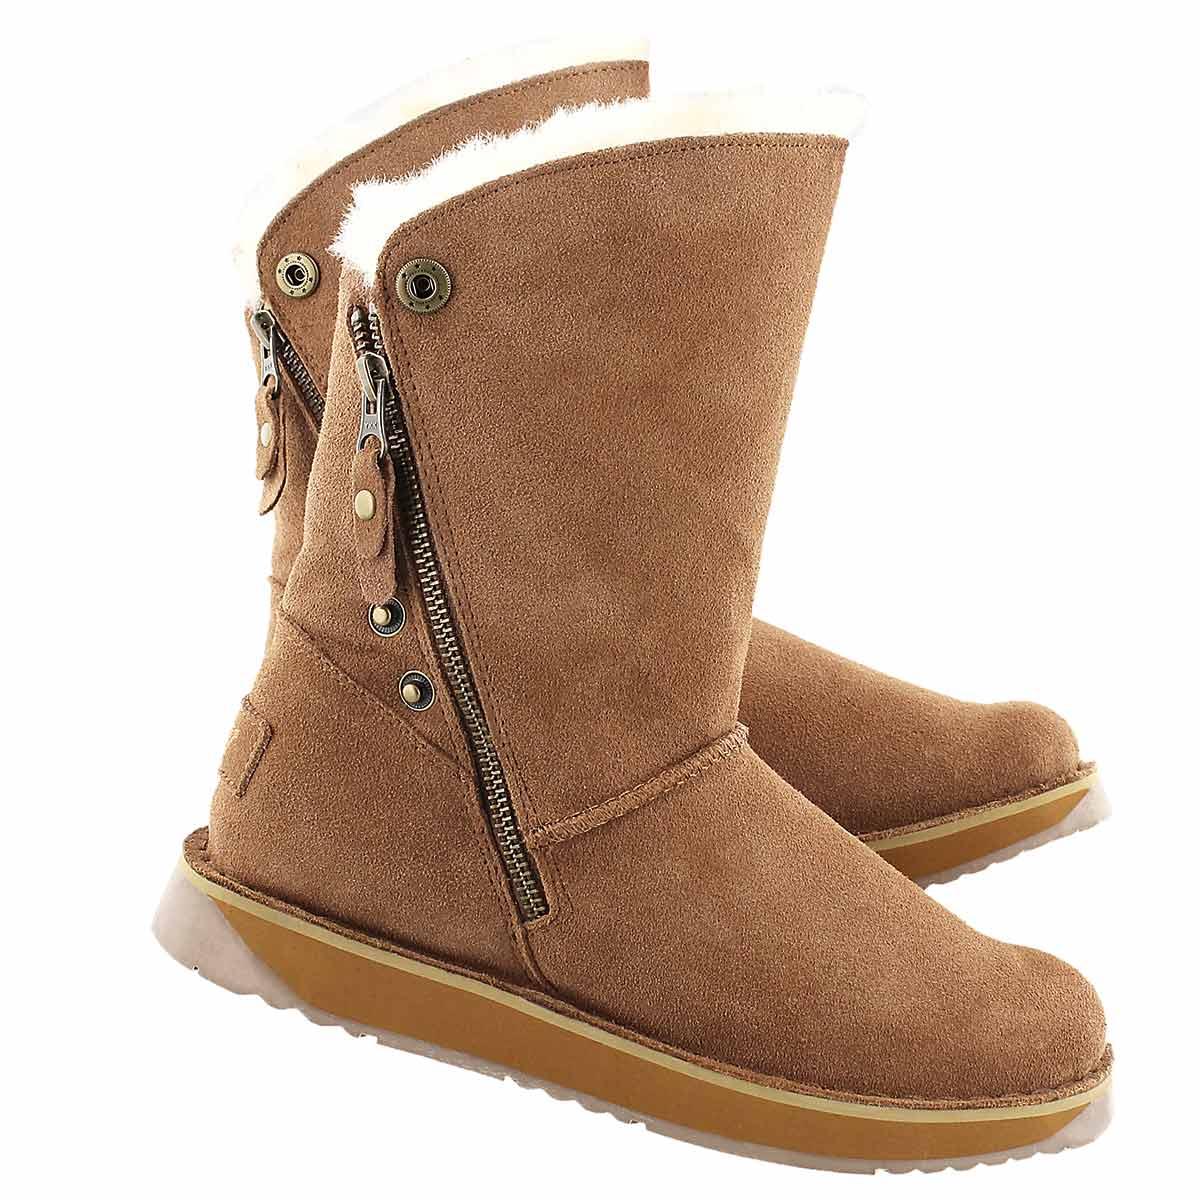 Lds Norway chestnut suede zipper boot